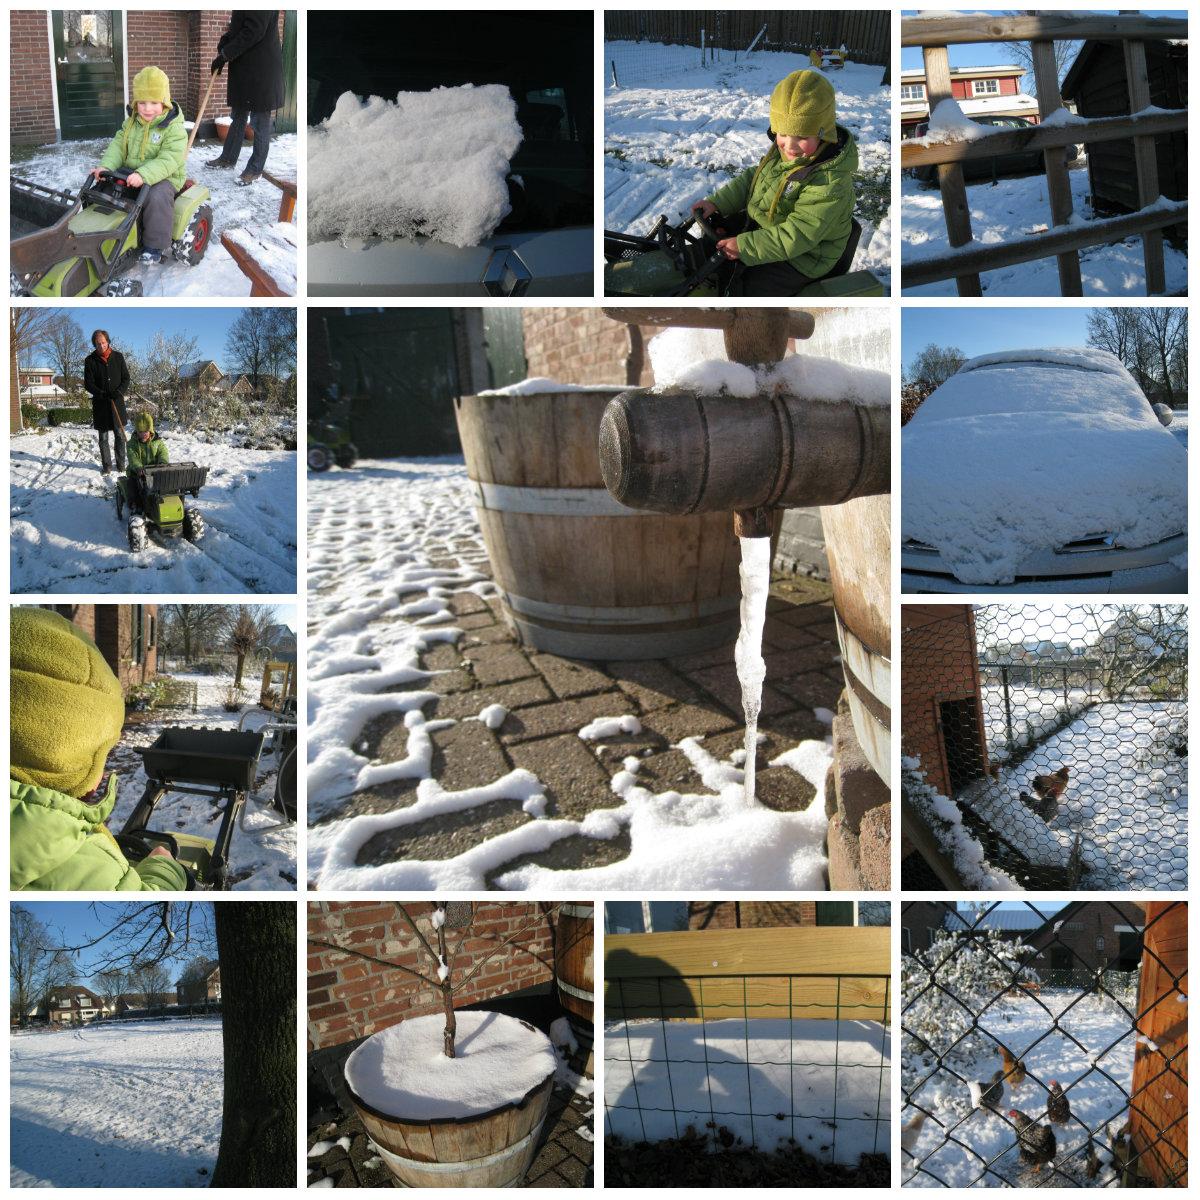 Sneeuwwereld door de ogen van onze 5 jarige knul